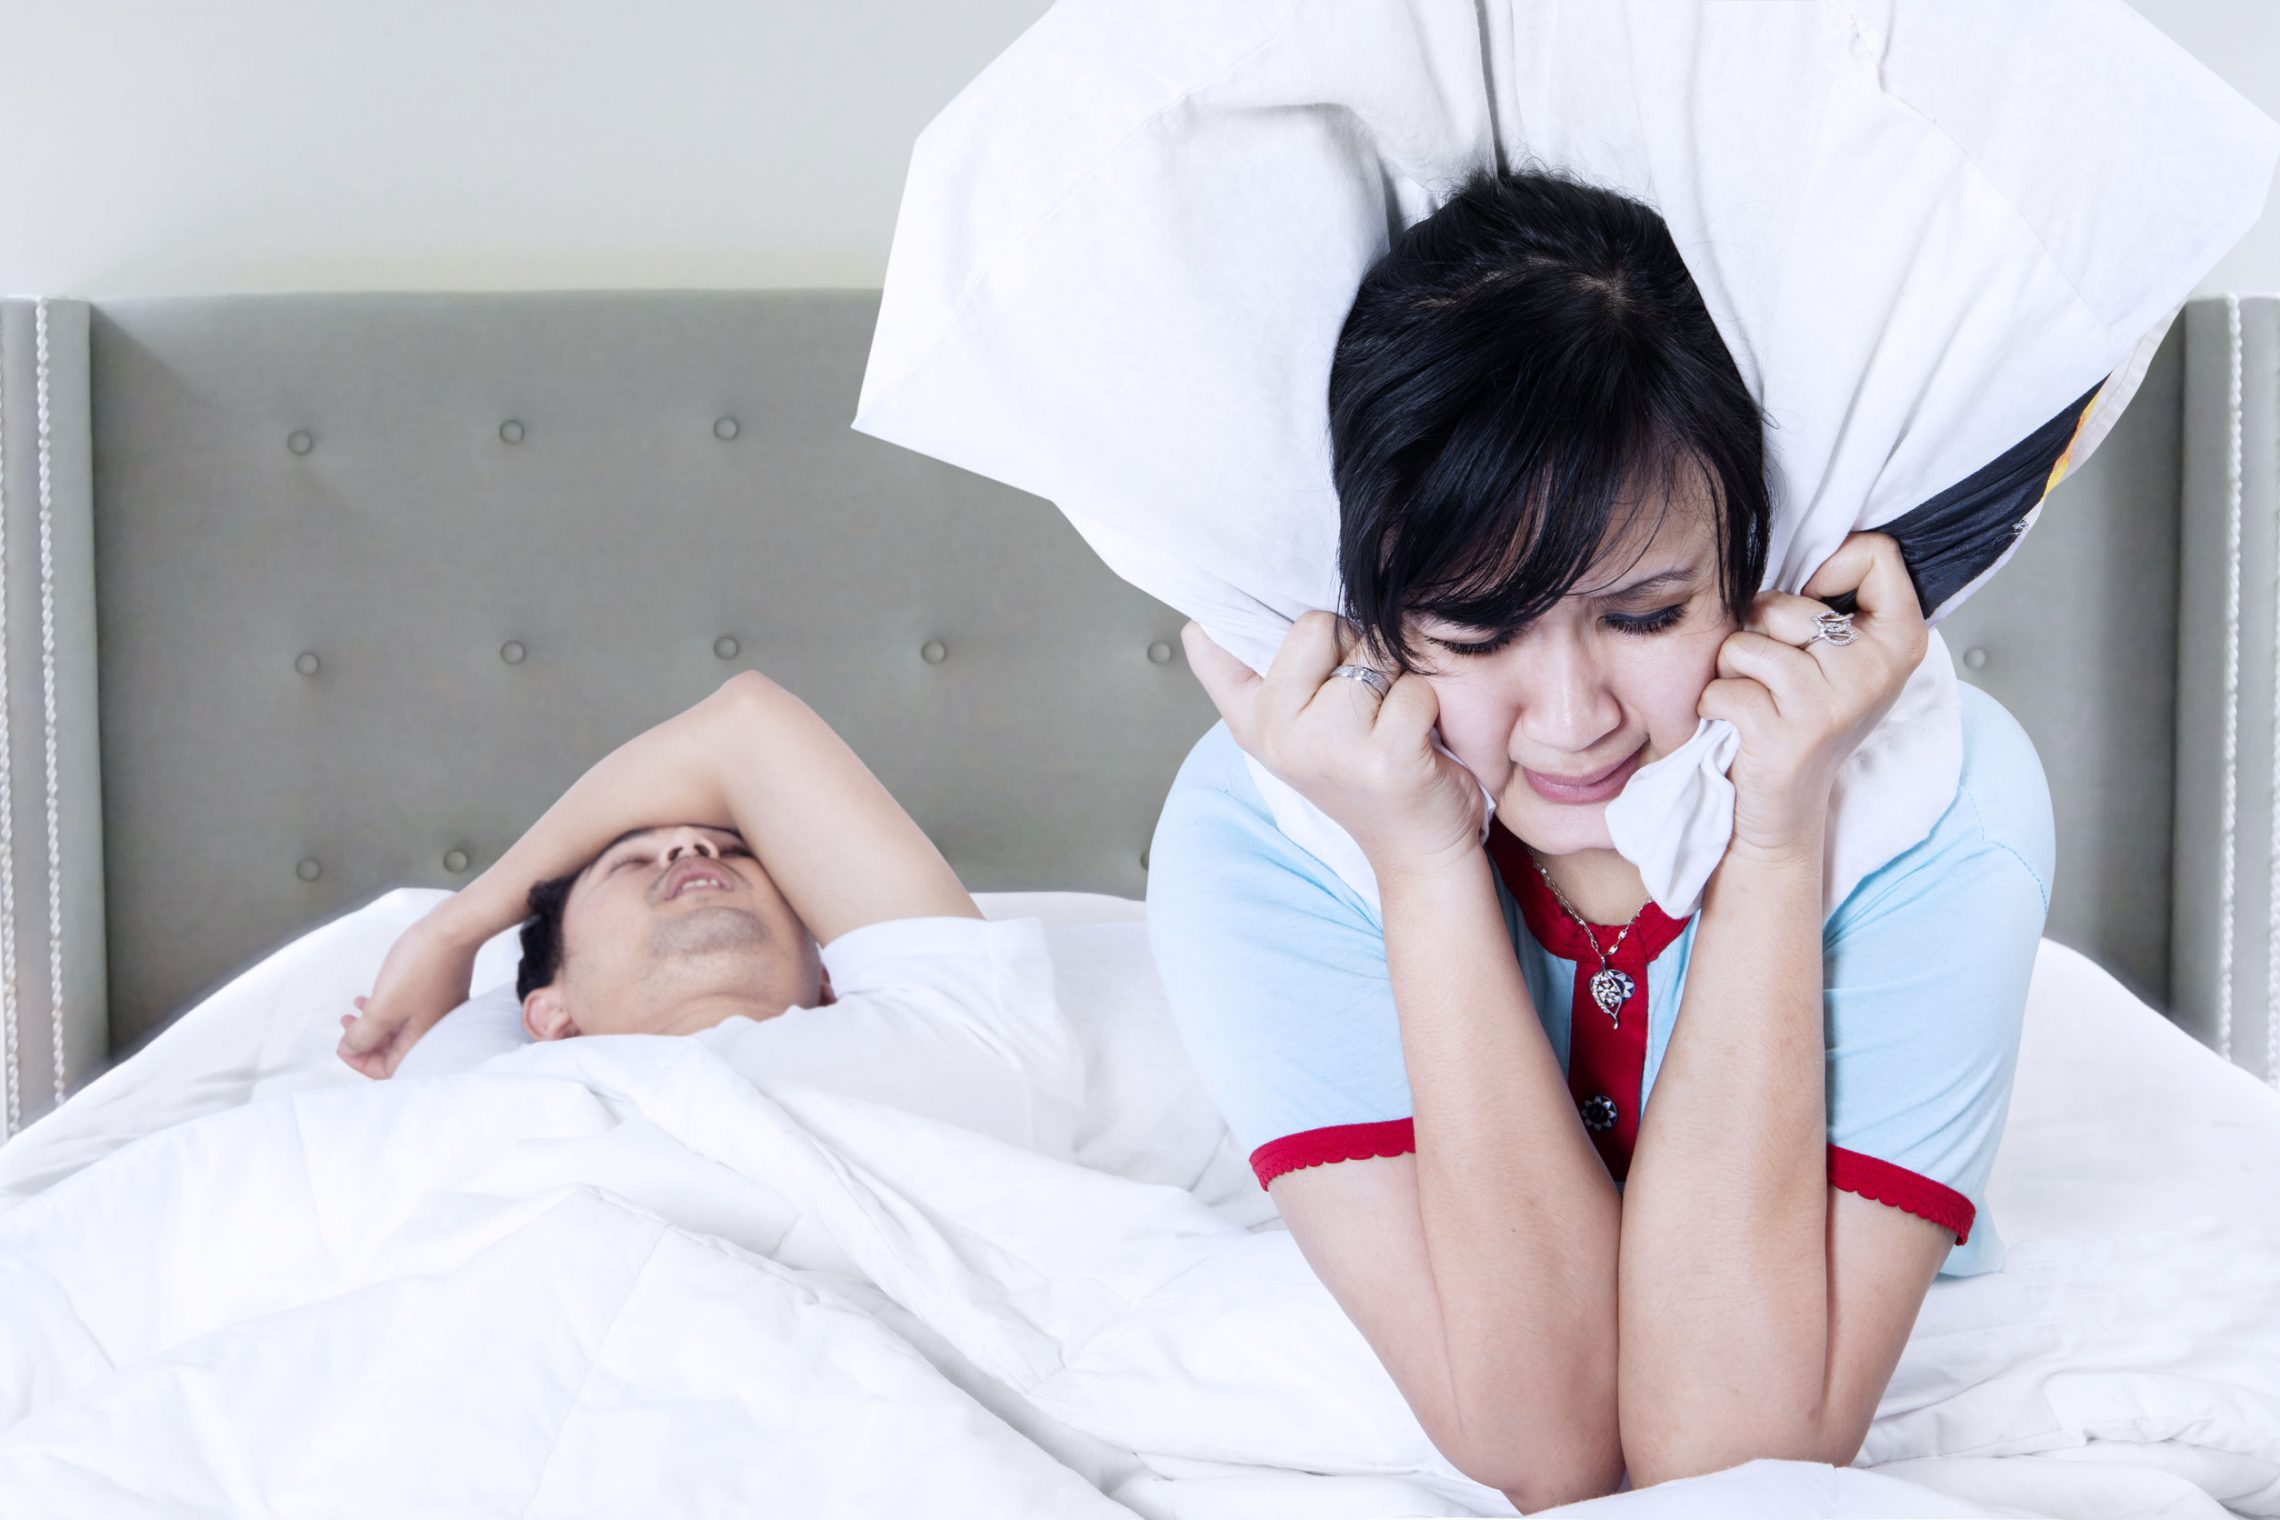 Chrapanie – zagrożenie dla zdrowia i związku?